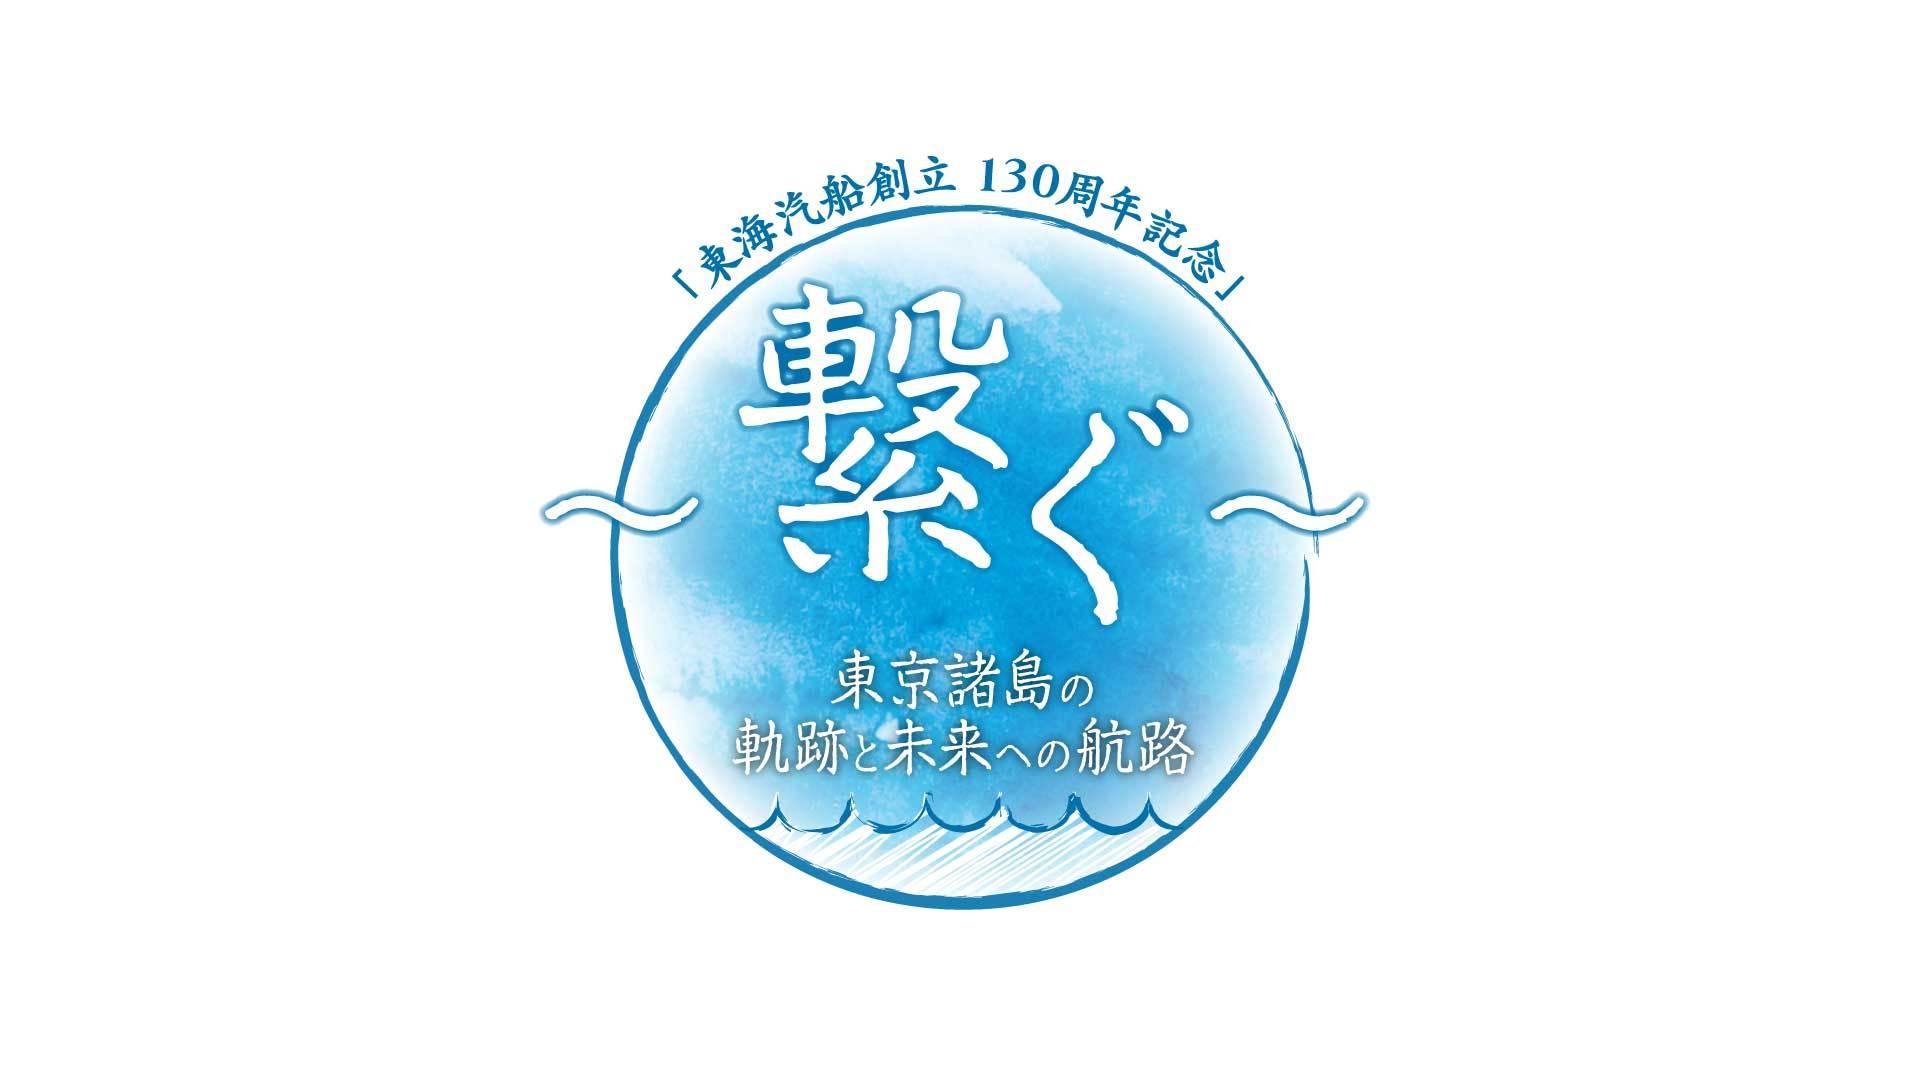 「東海汽船創立130周年記念」 ~繋ぐ~ 東京諸島の軌跡と未来への航路